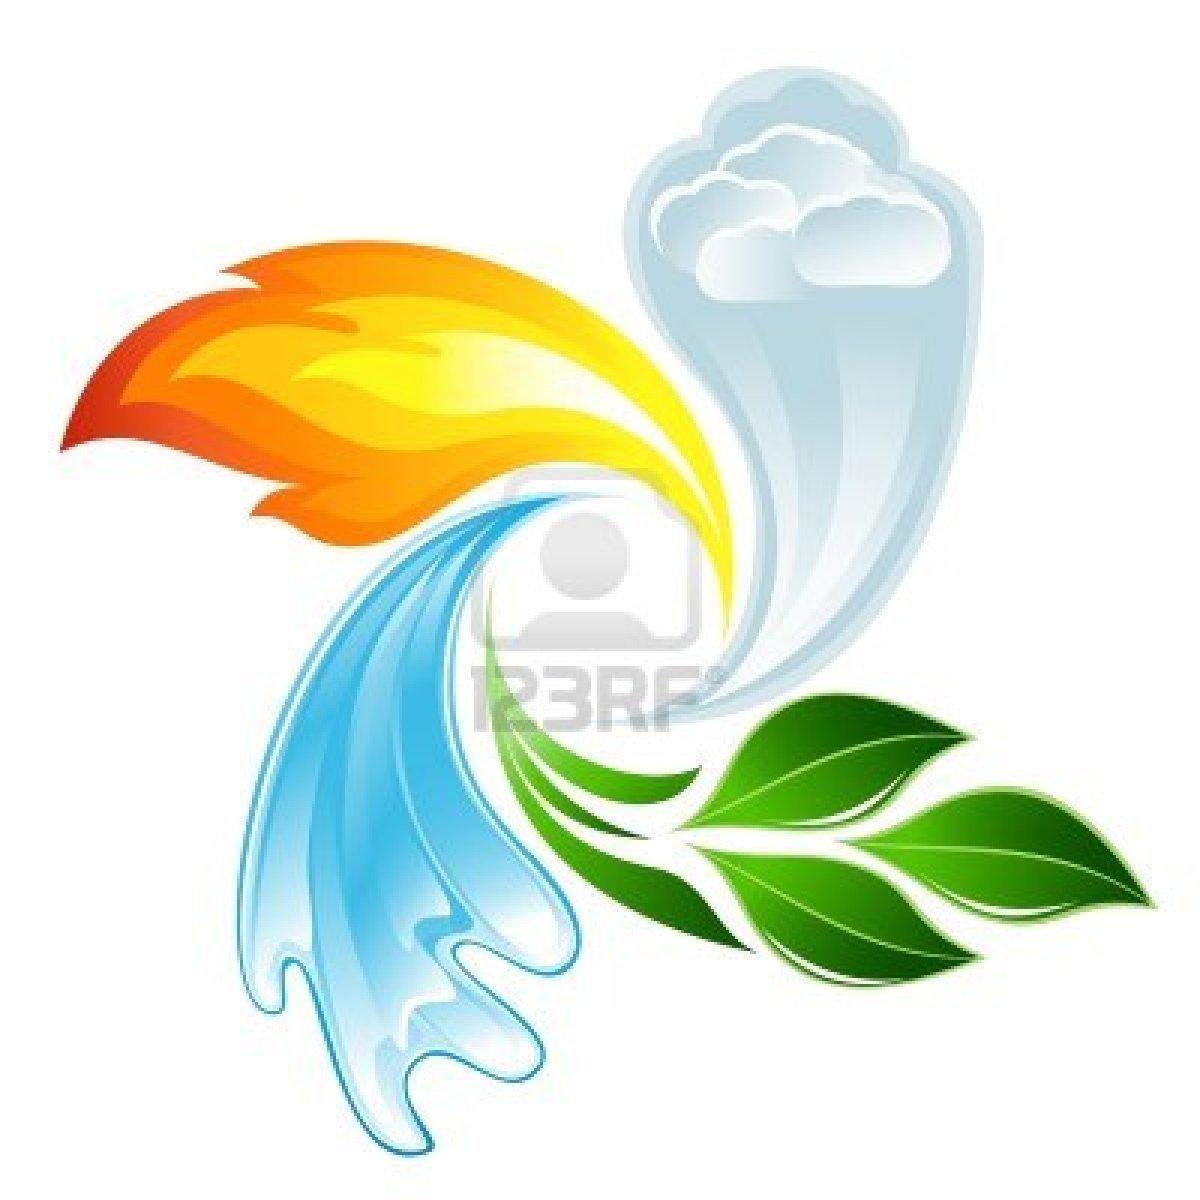 Elements clipart symbol #10